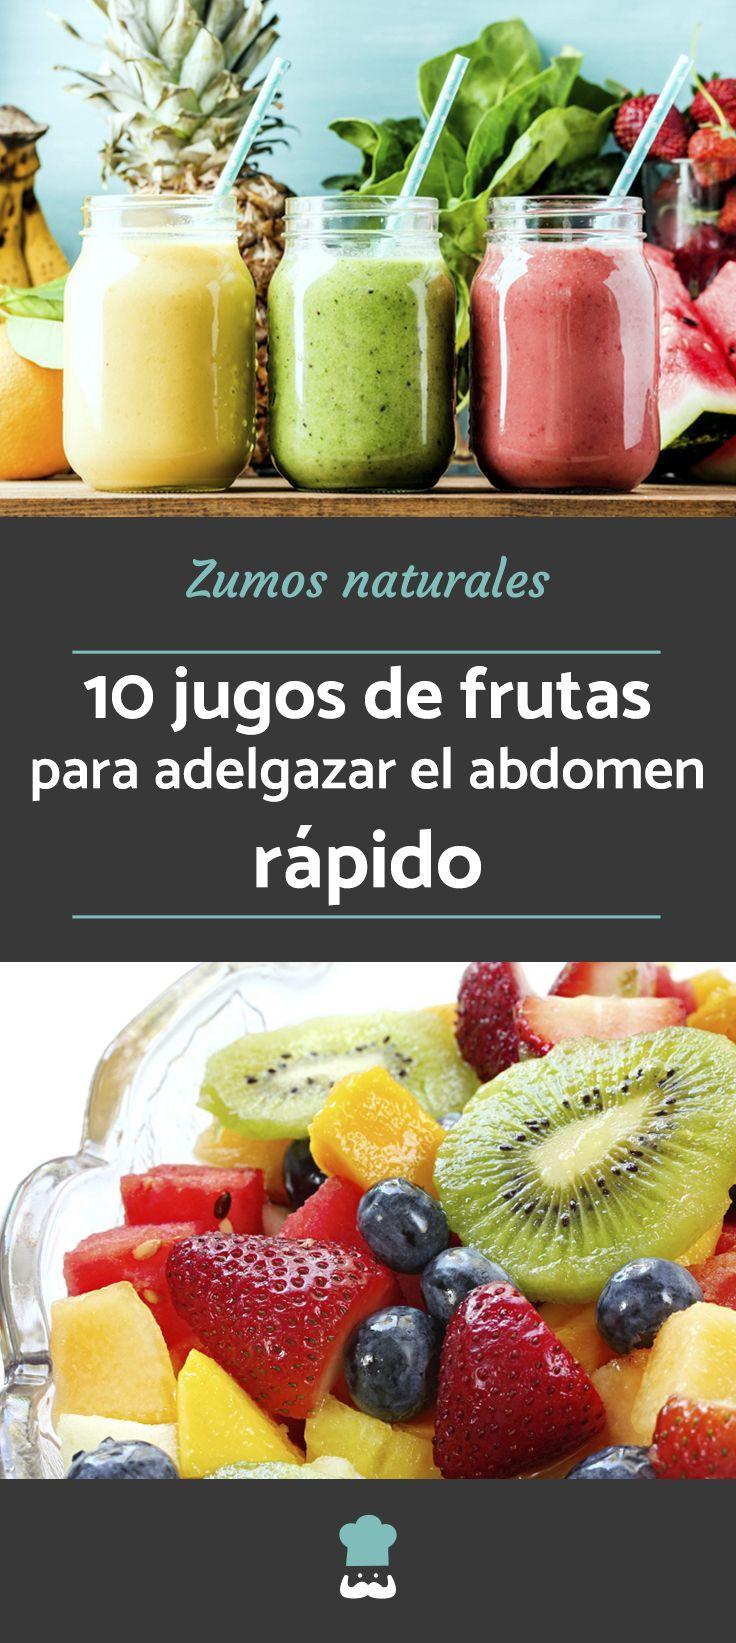 Obtén Un Vientre Plano Con Estos Jugos Naturales Recetasgratis Frutas Para Adelgazar Licuados De Frutas Saludables Comida Saludable Adelgazar Abdomen Plano